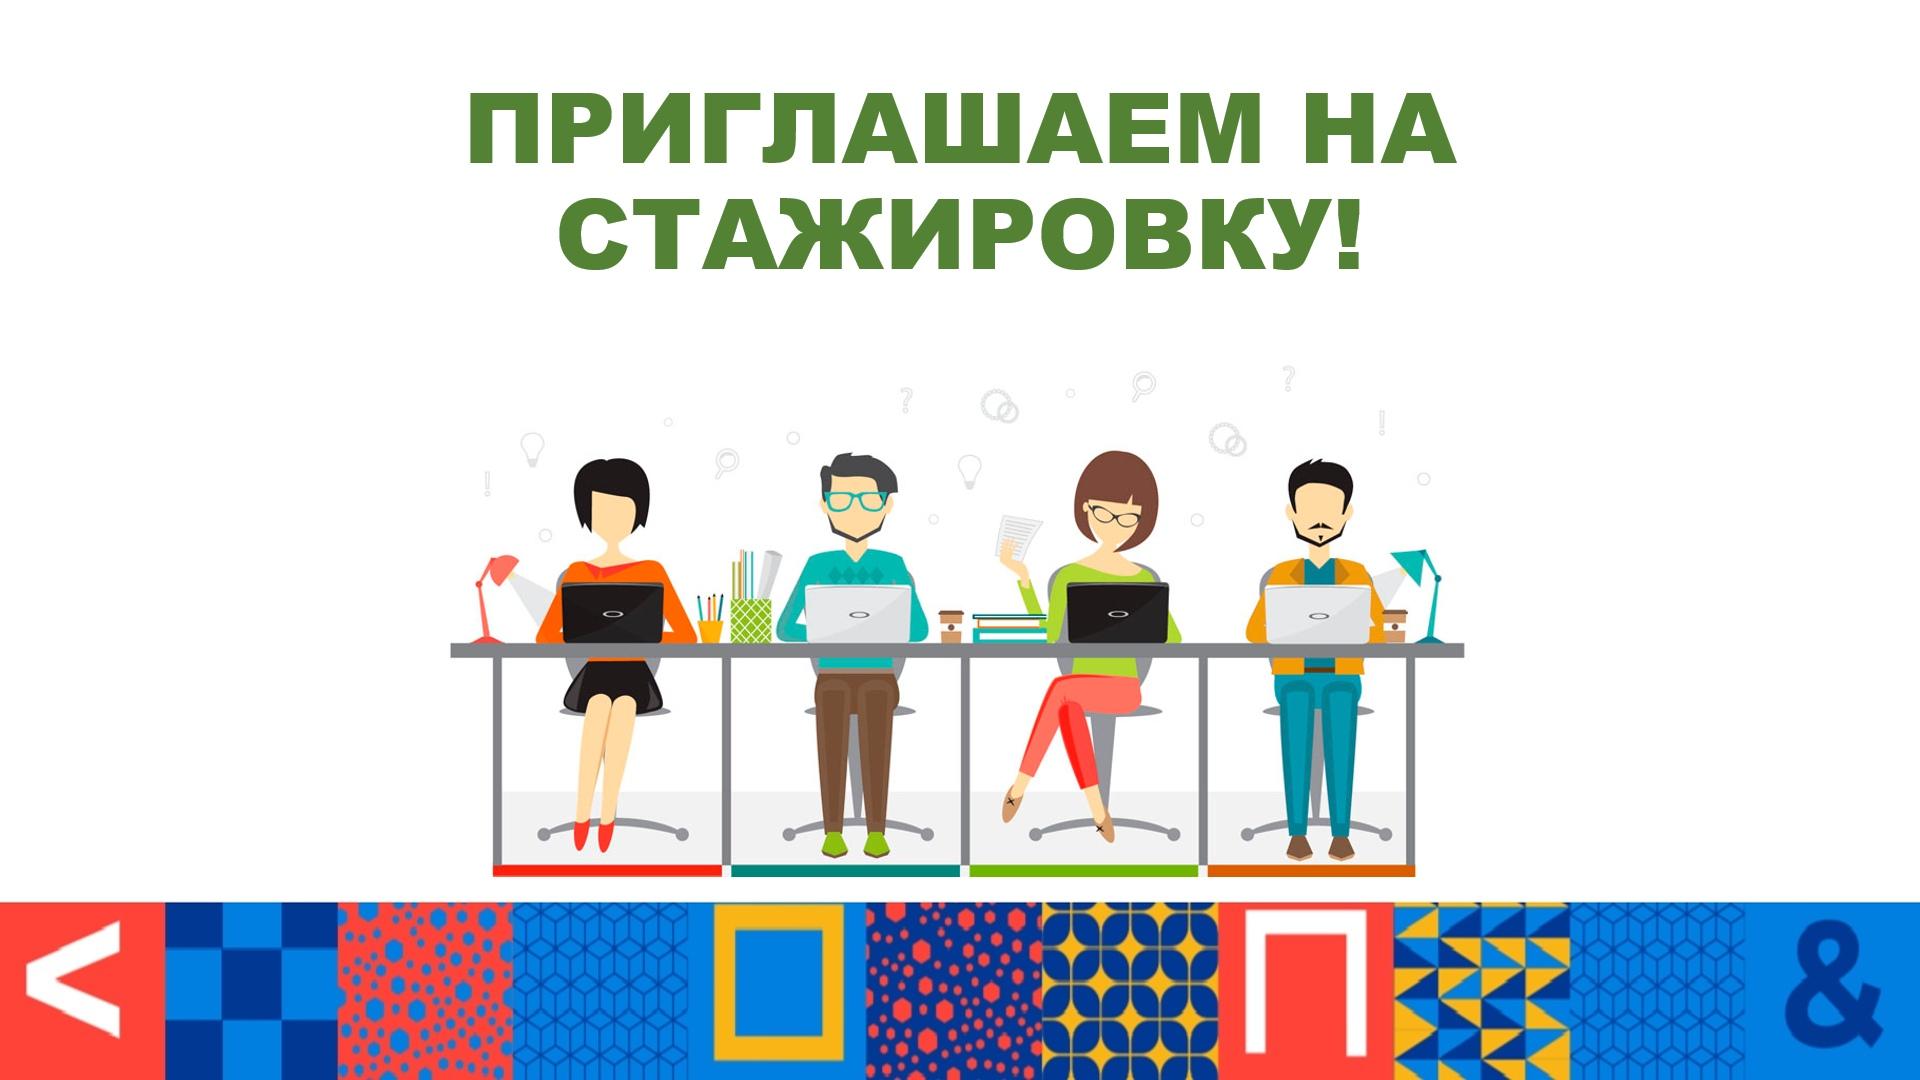 Центр занятости населения Качугского района приглашает  РАБОТОДАТЕЛЕЙ И ВЫПУСКНИКОВ принять участие в программе организации стажировки выпускников